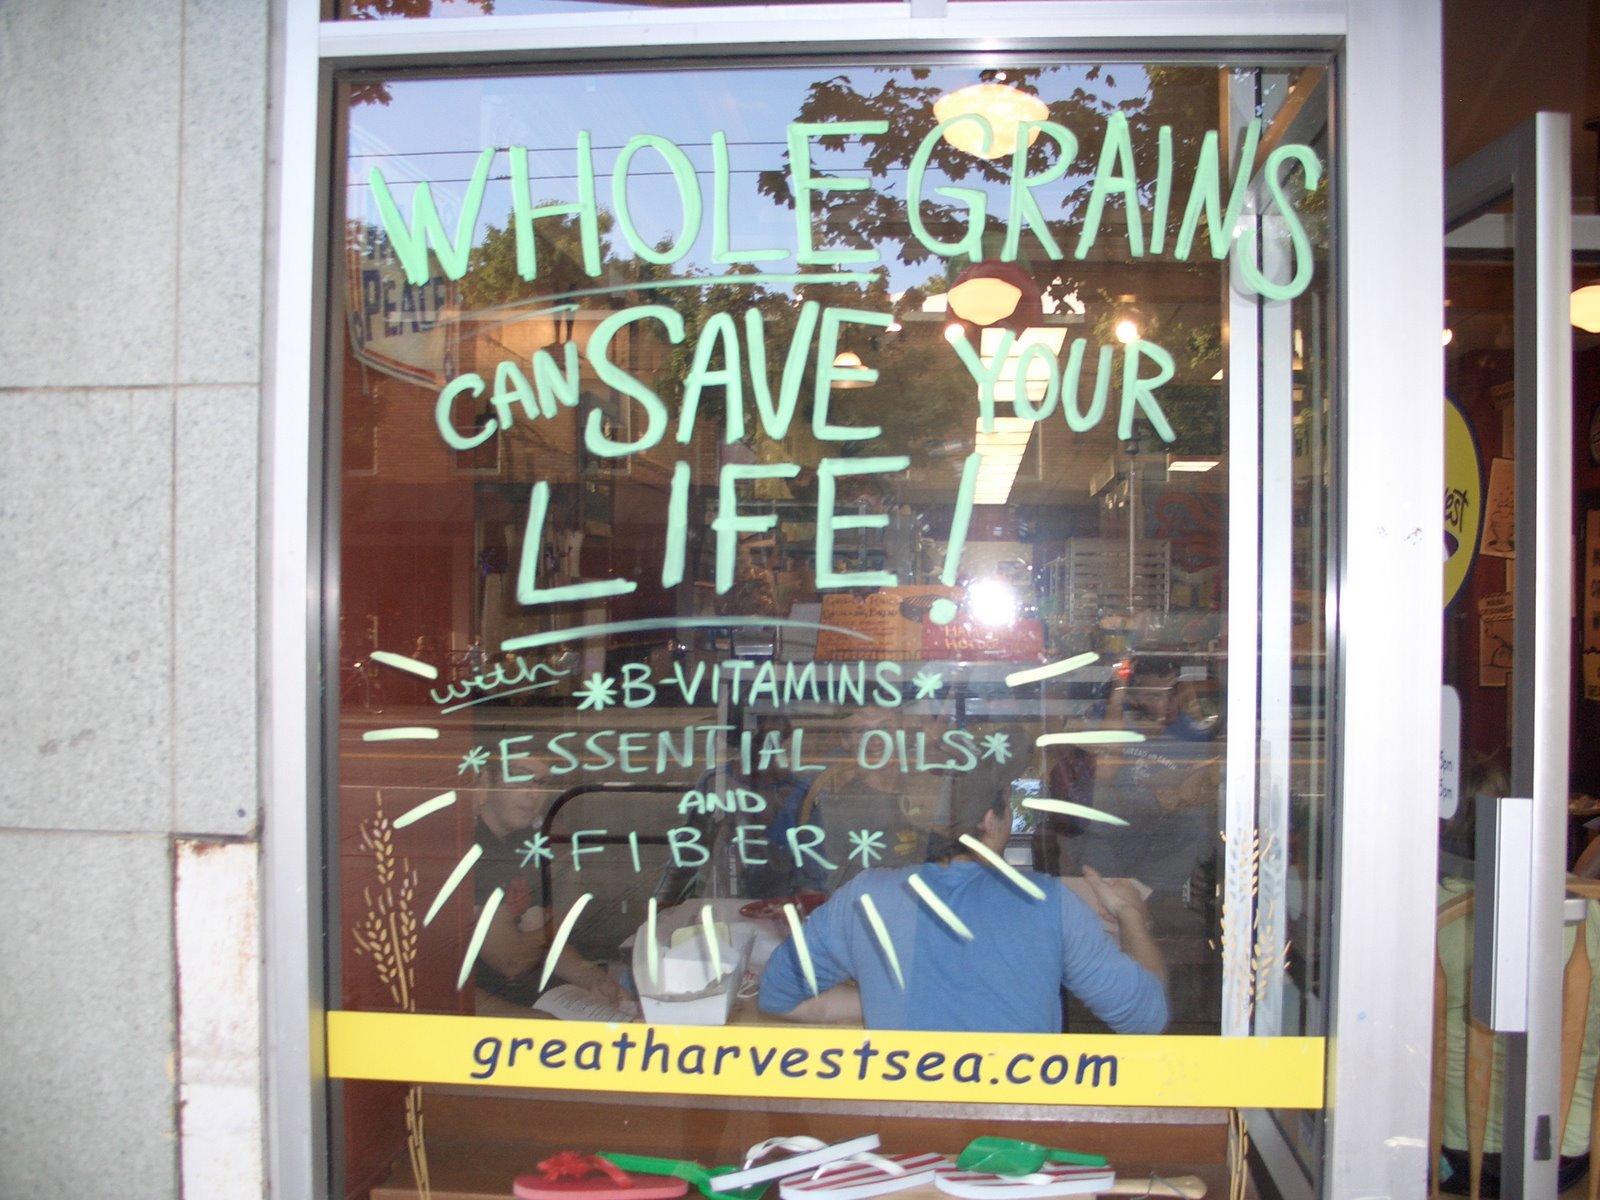 [Grains+save+life]